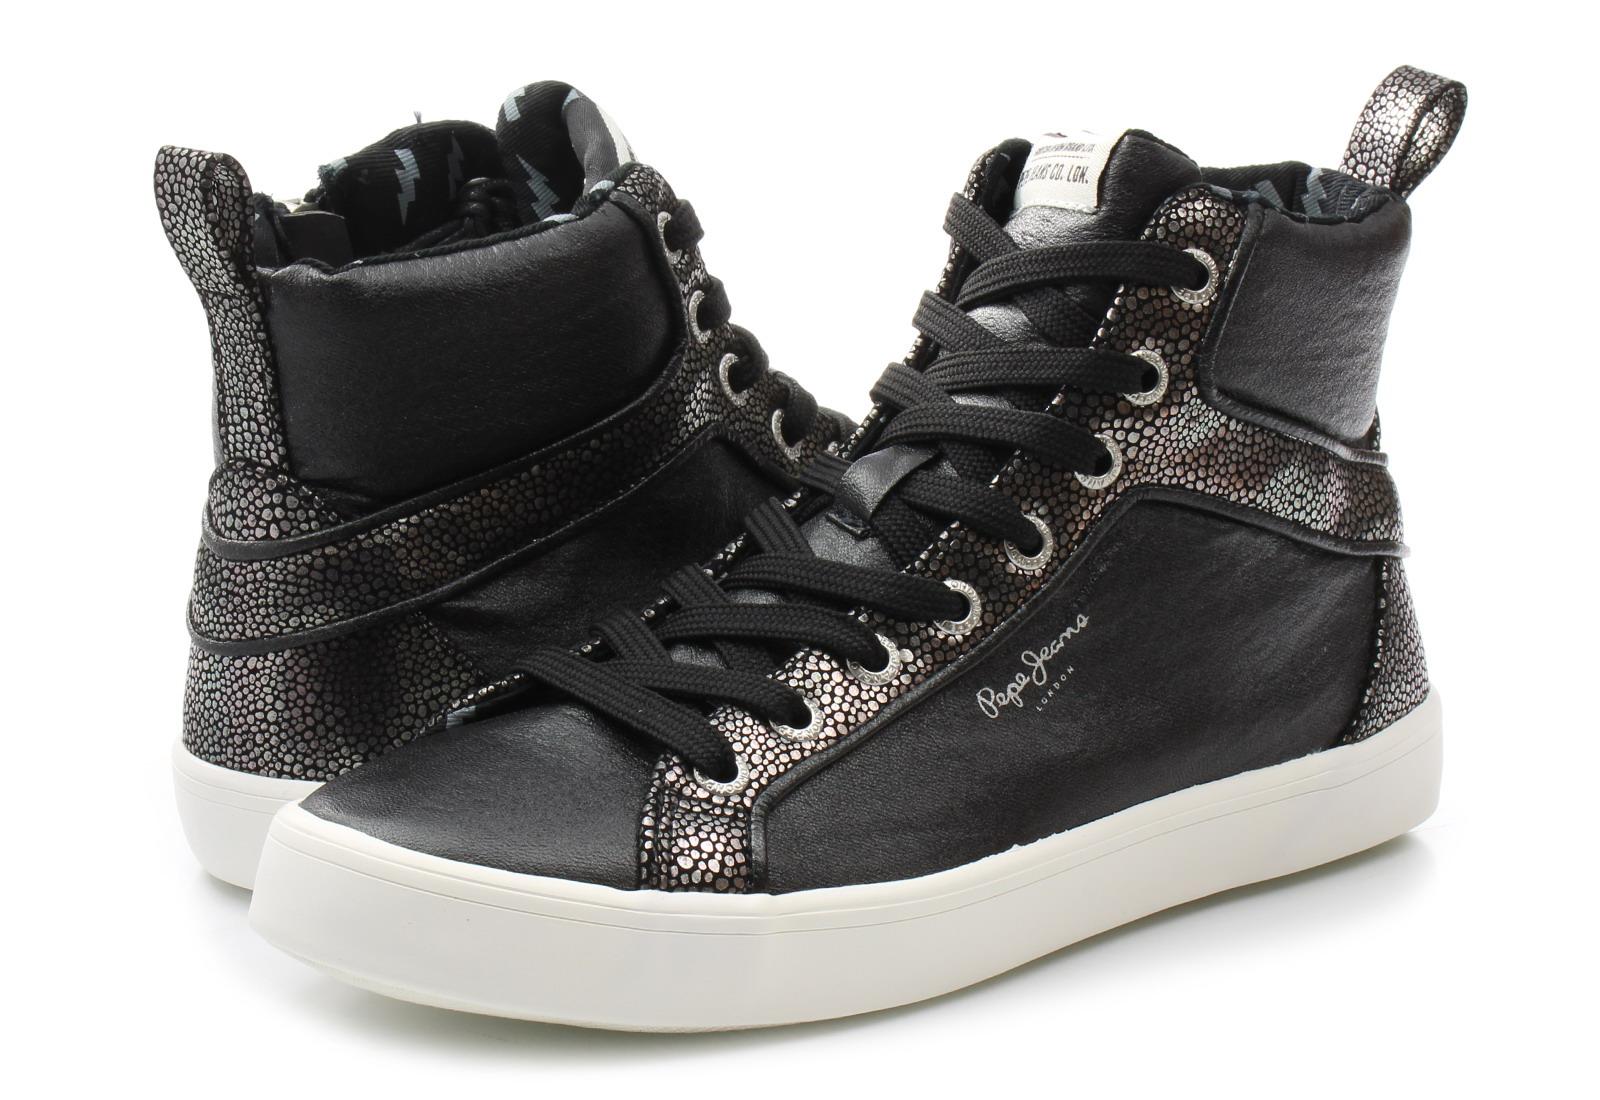 Pepe Jeans Cipő - Stark - PLS30771999 - Office Shoes Magyarország 5ff071f537